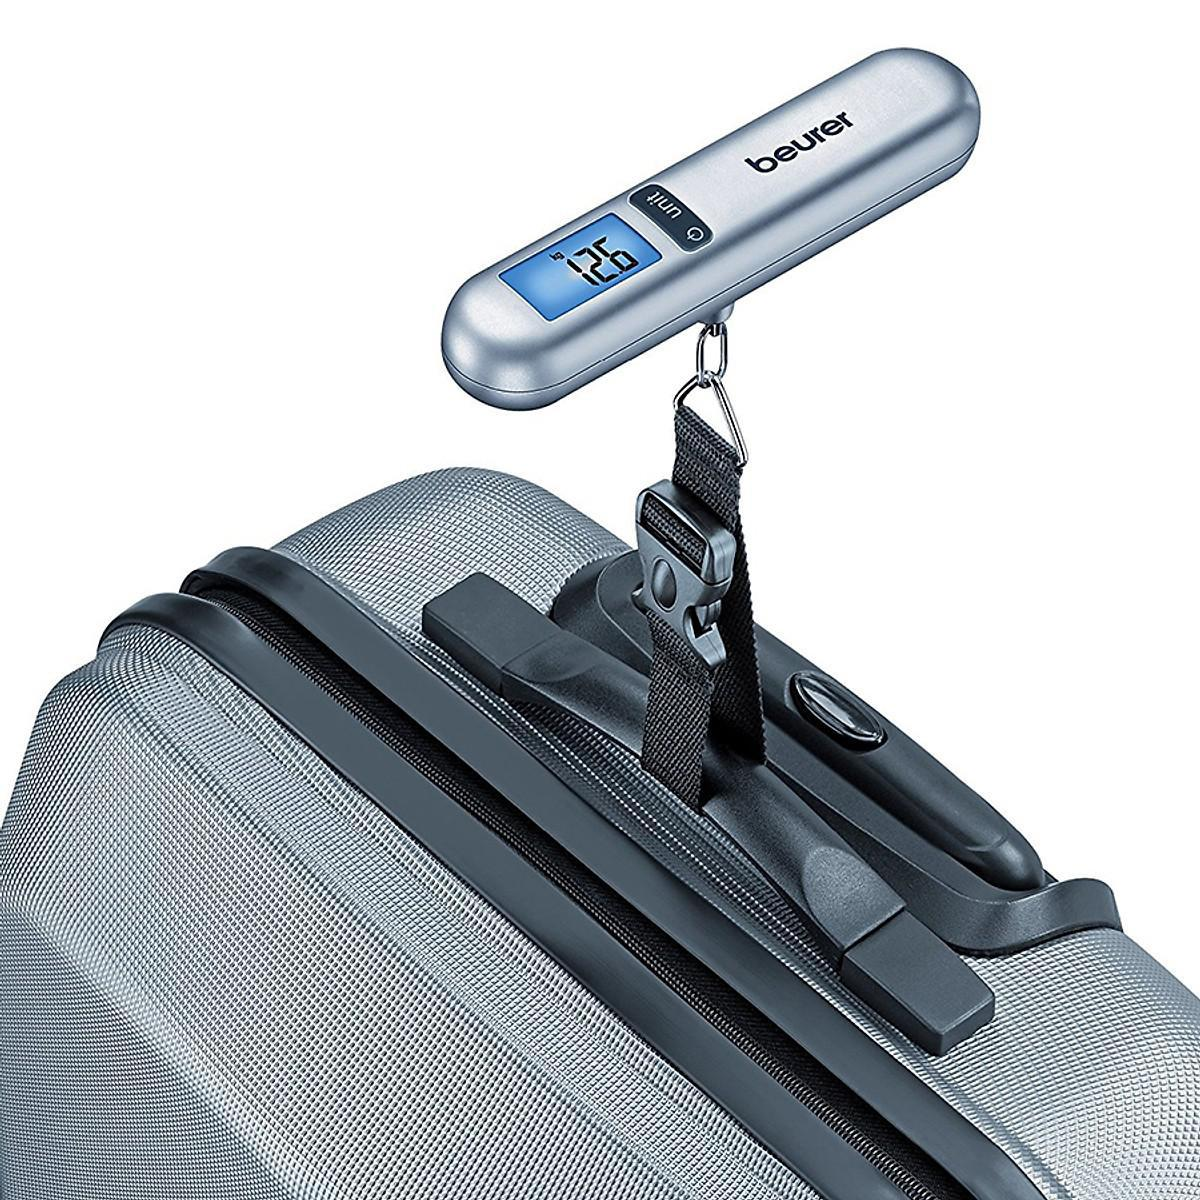 Cân hành lý Beurer LS06 nhập khẩu Đức